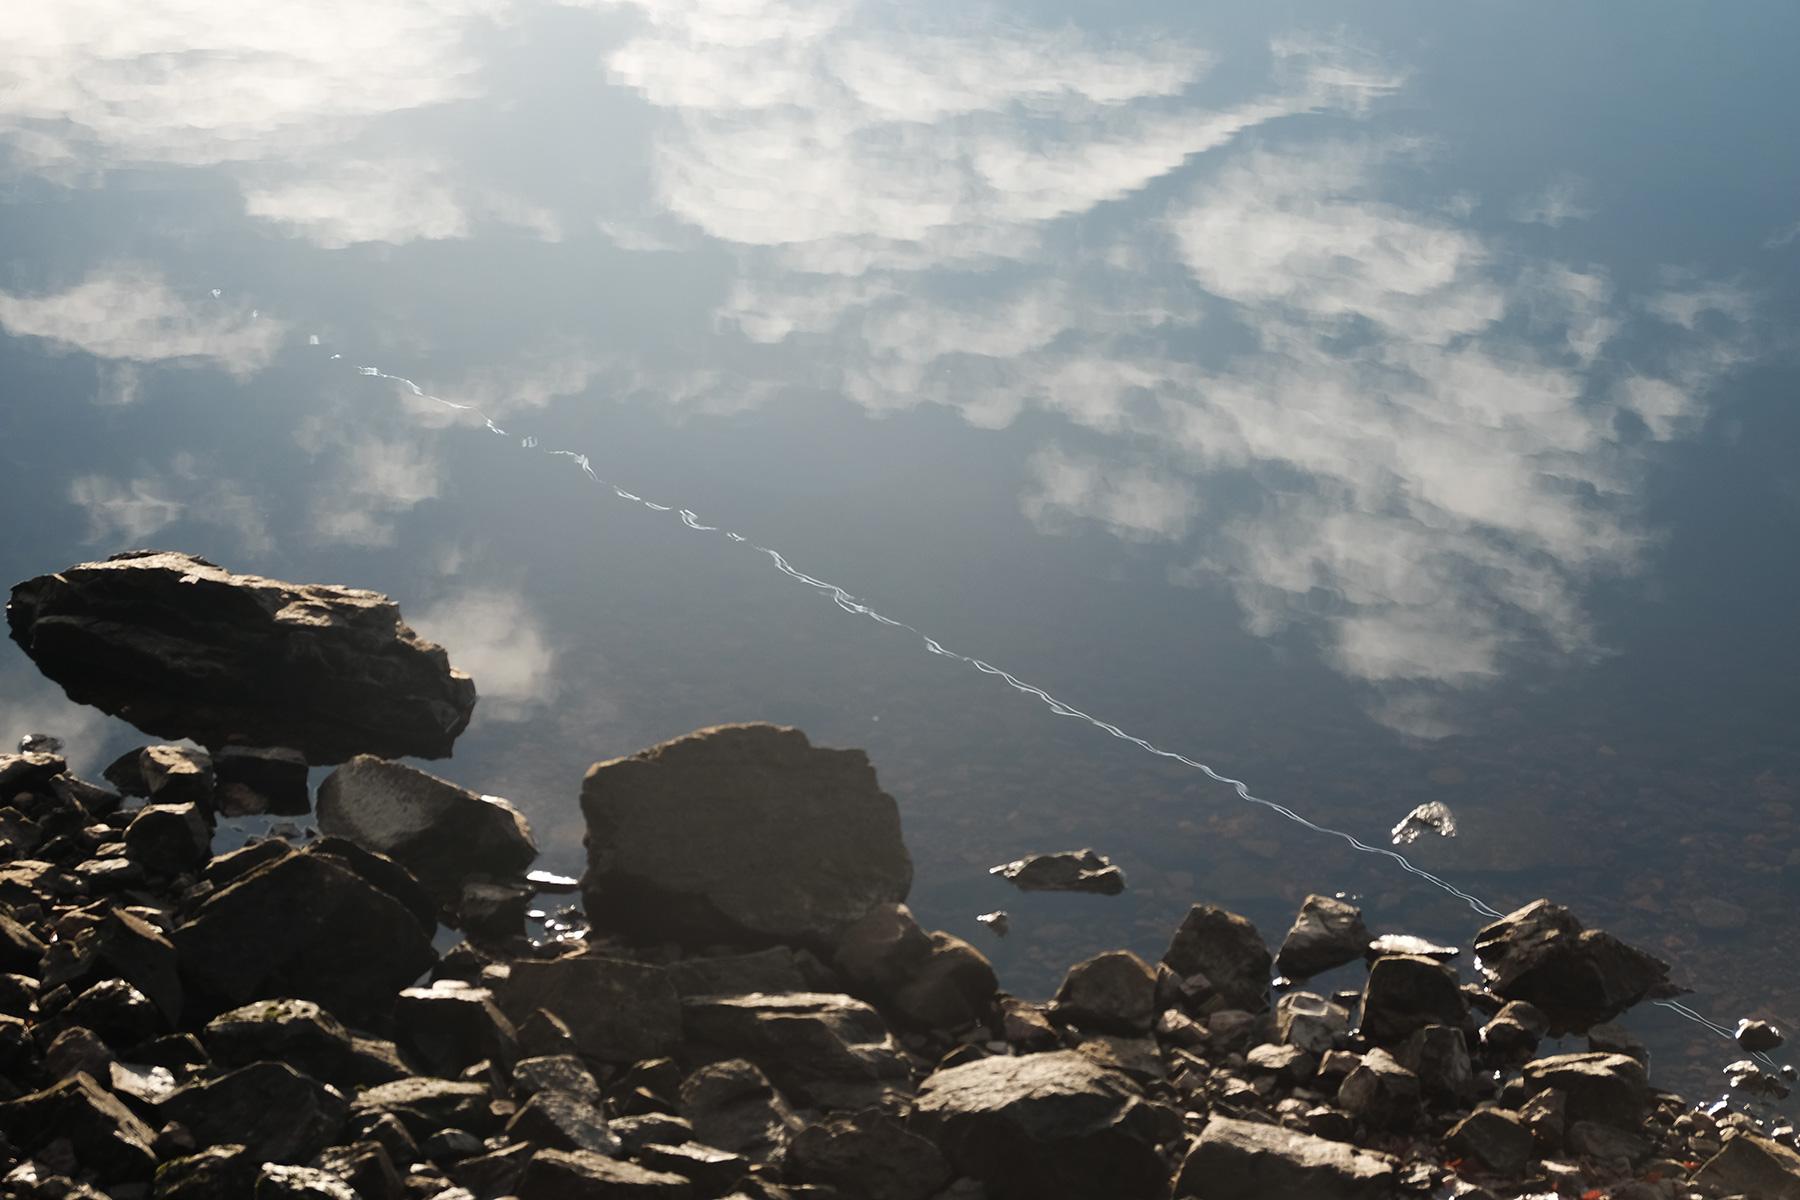 Spiegelung des Himmels und eines Flugzeugkondensstreifens im Loch Garr in Schottland